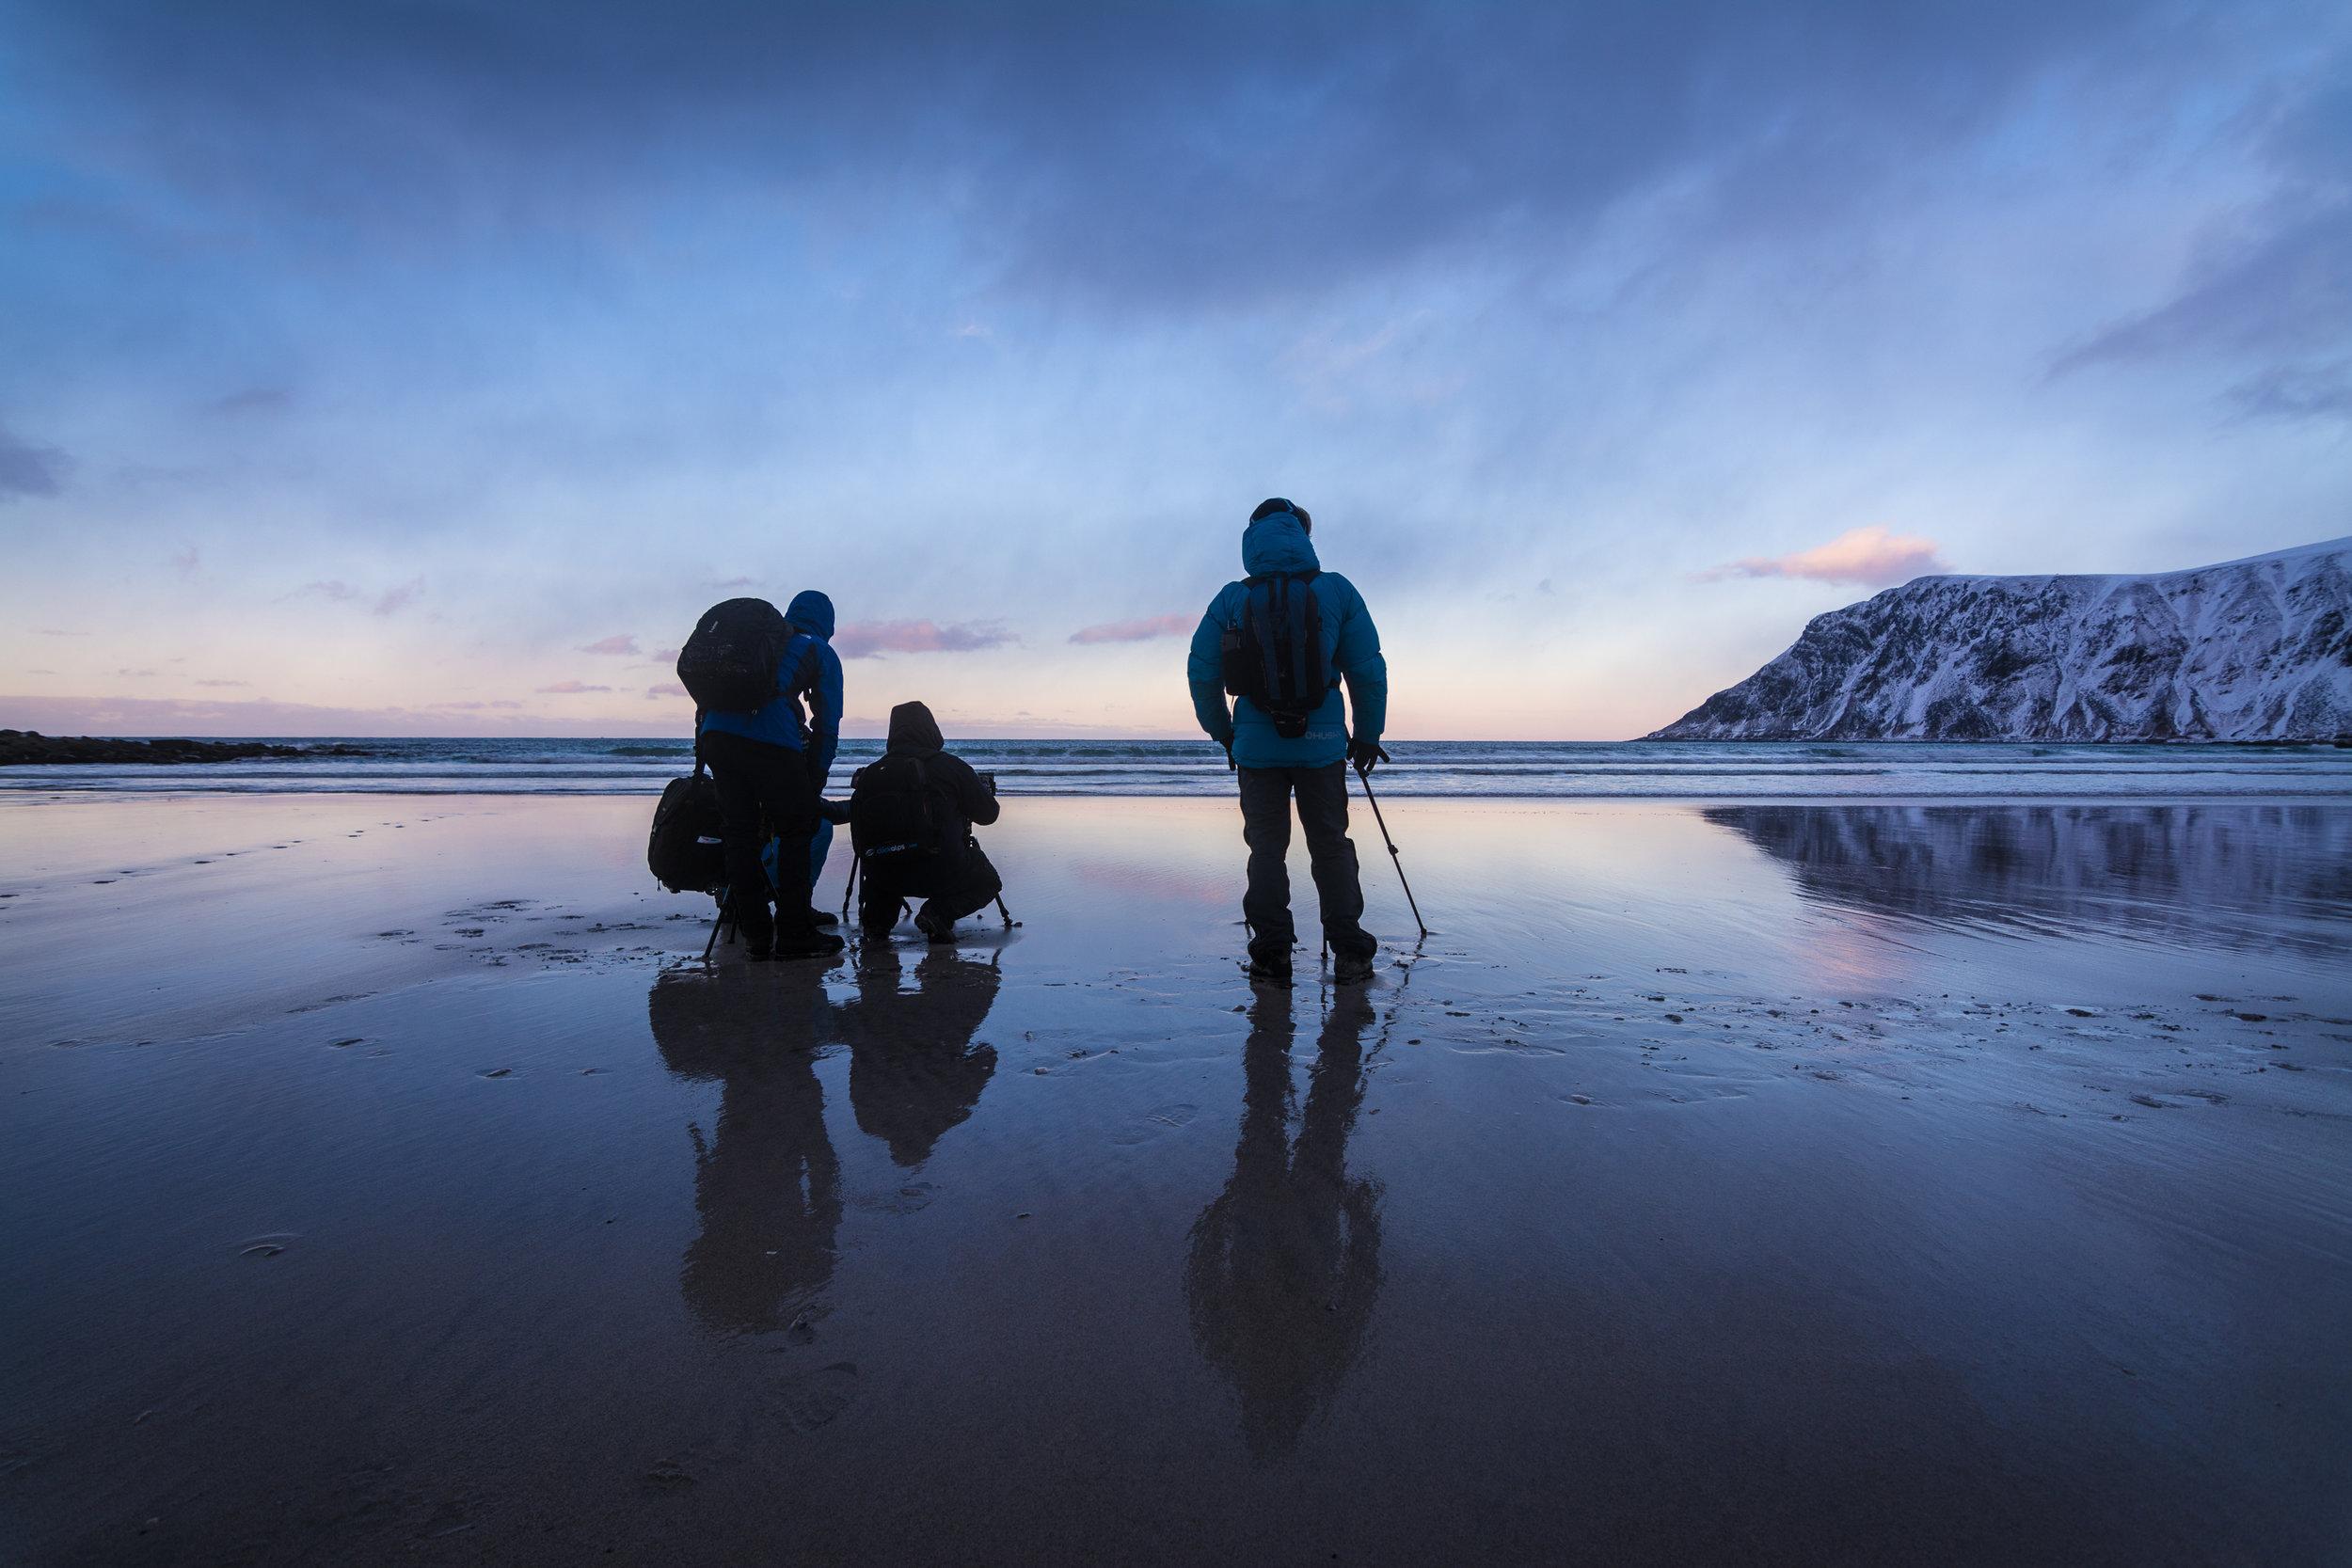 Workshop i Lofoten med fotograf Bjørn Joachimsen 2018. ©Bjørn Joachimsen